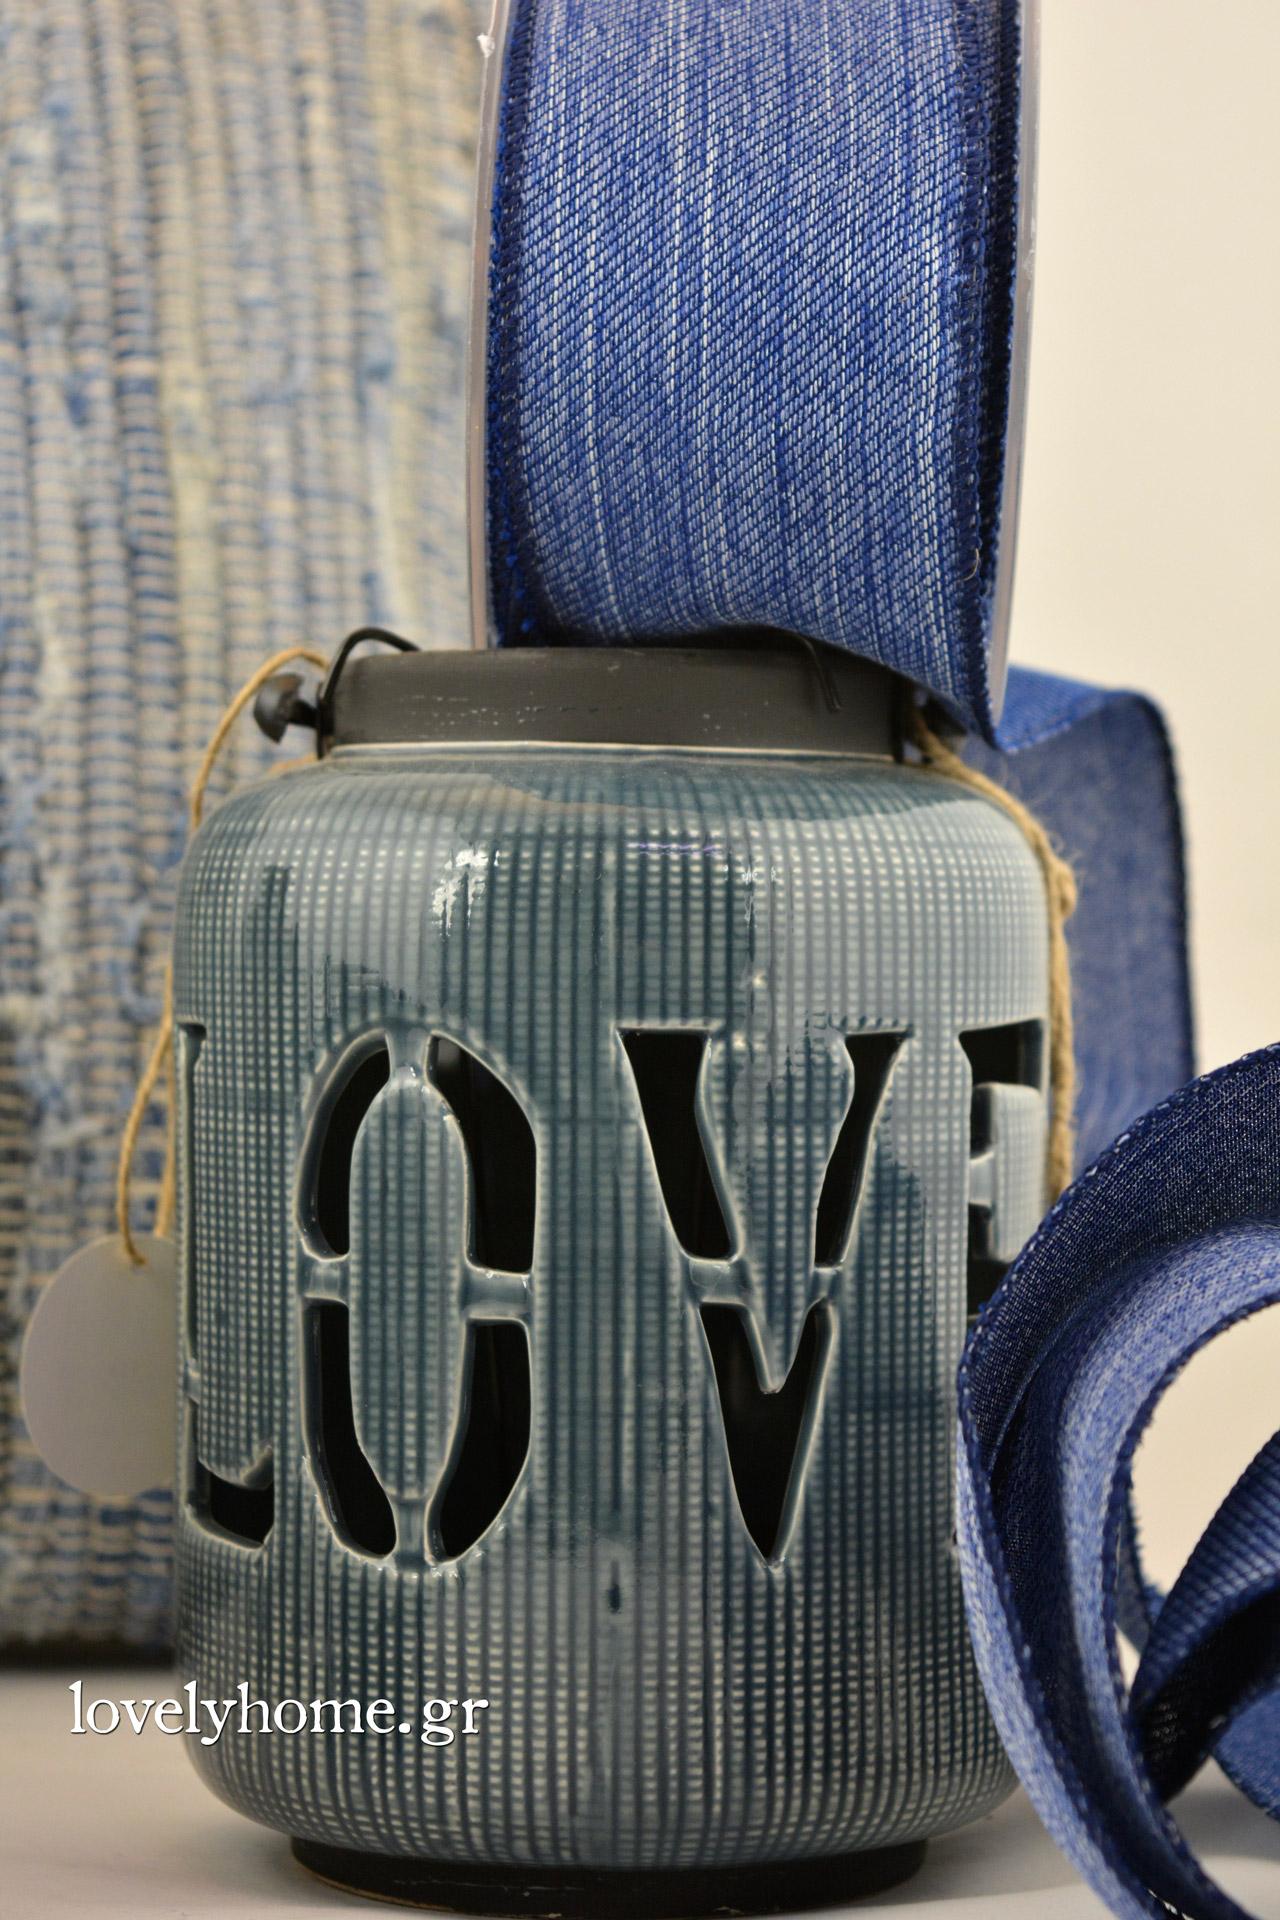 Κεραμικό φανάρι LOVE 12x18 εκ. Κωδ:04103993 Τιμή χωρίς ΦΠΑ 10,59 ευρώ